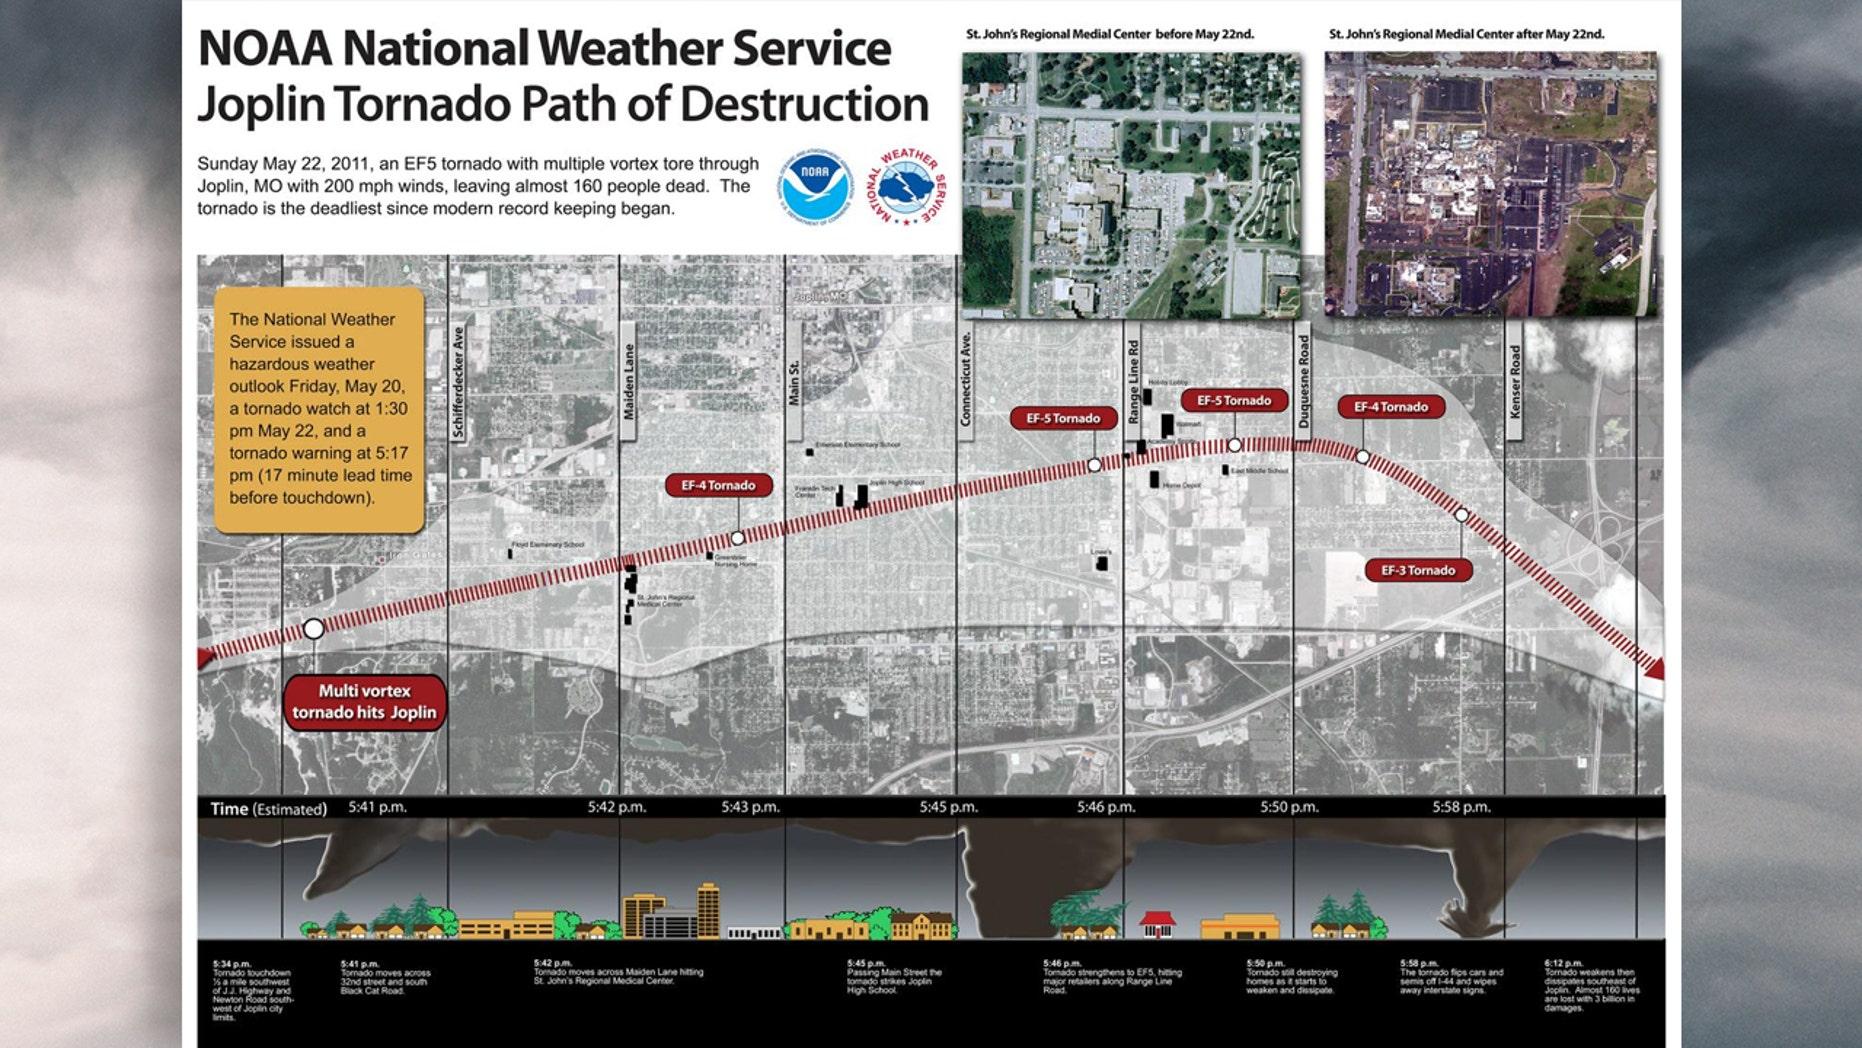 10 tornades américaines les plus meurtrières jamais enregistrées 2